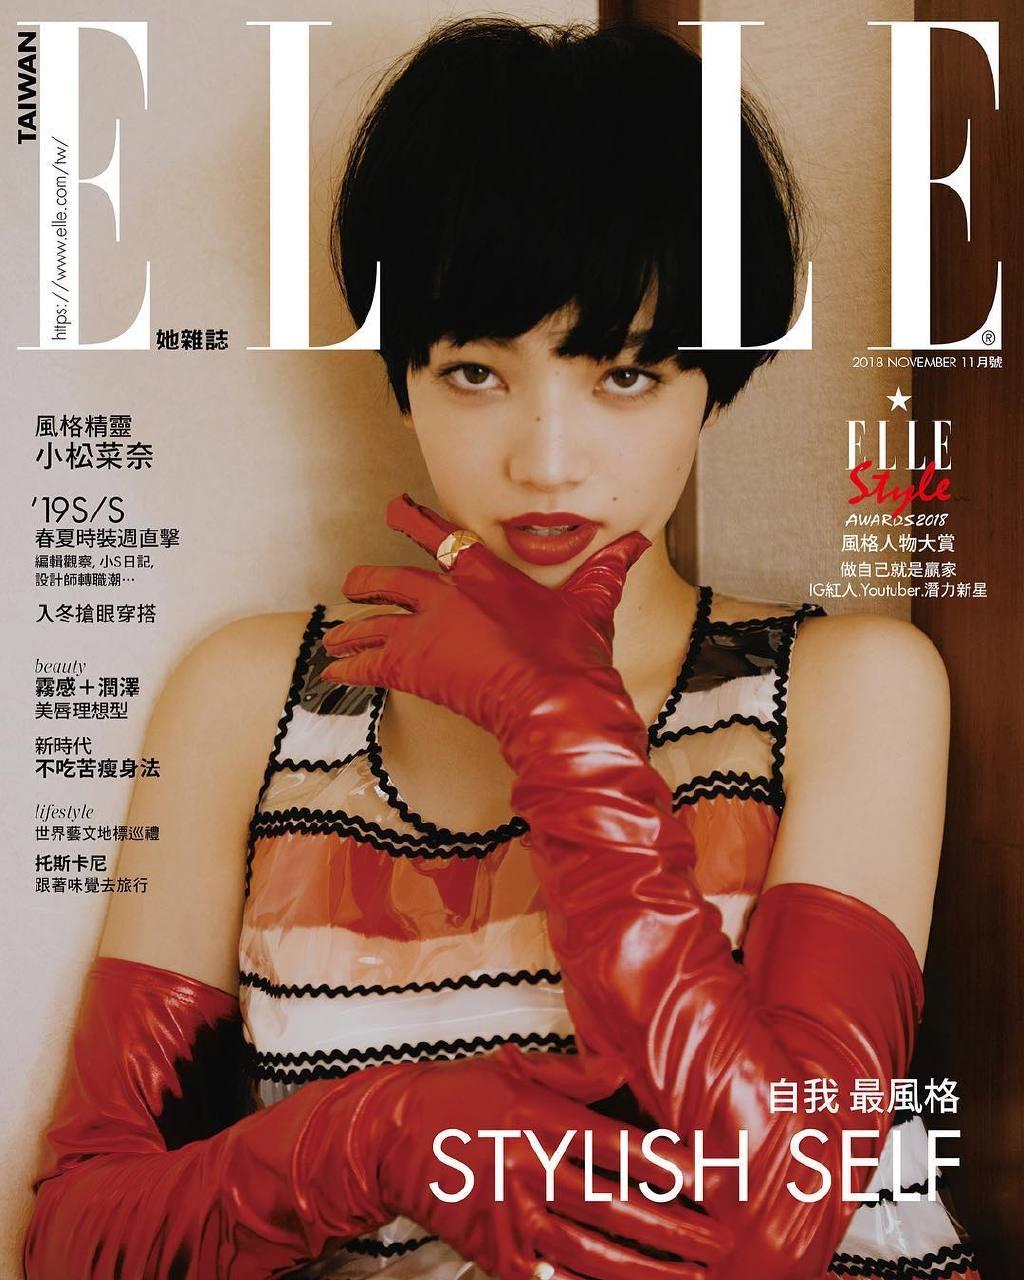 """日本这位麻豆挤进全球最美面孔,还靠一张""""厌世脸""""闯入时尚圈!"""